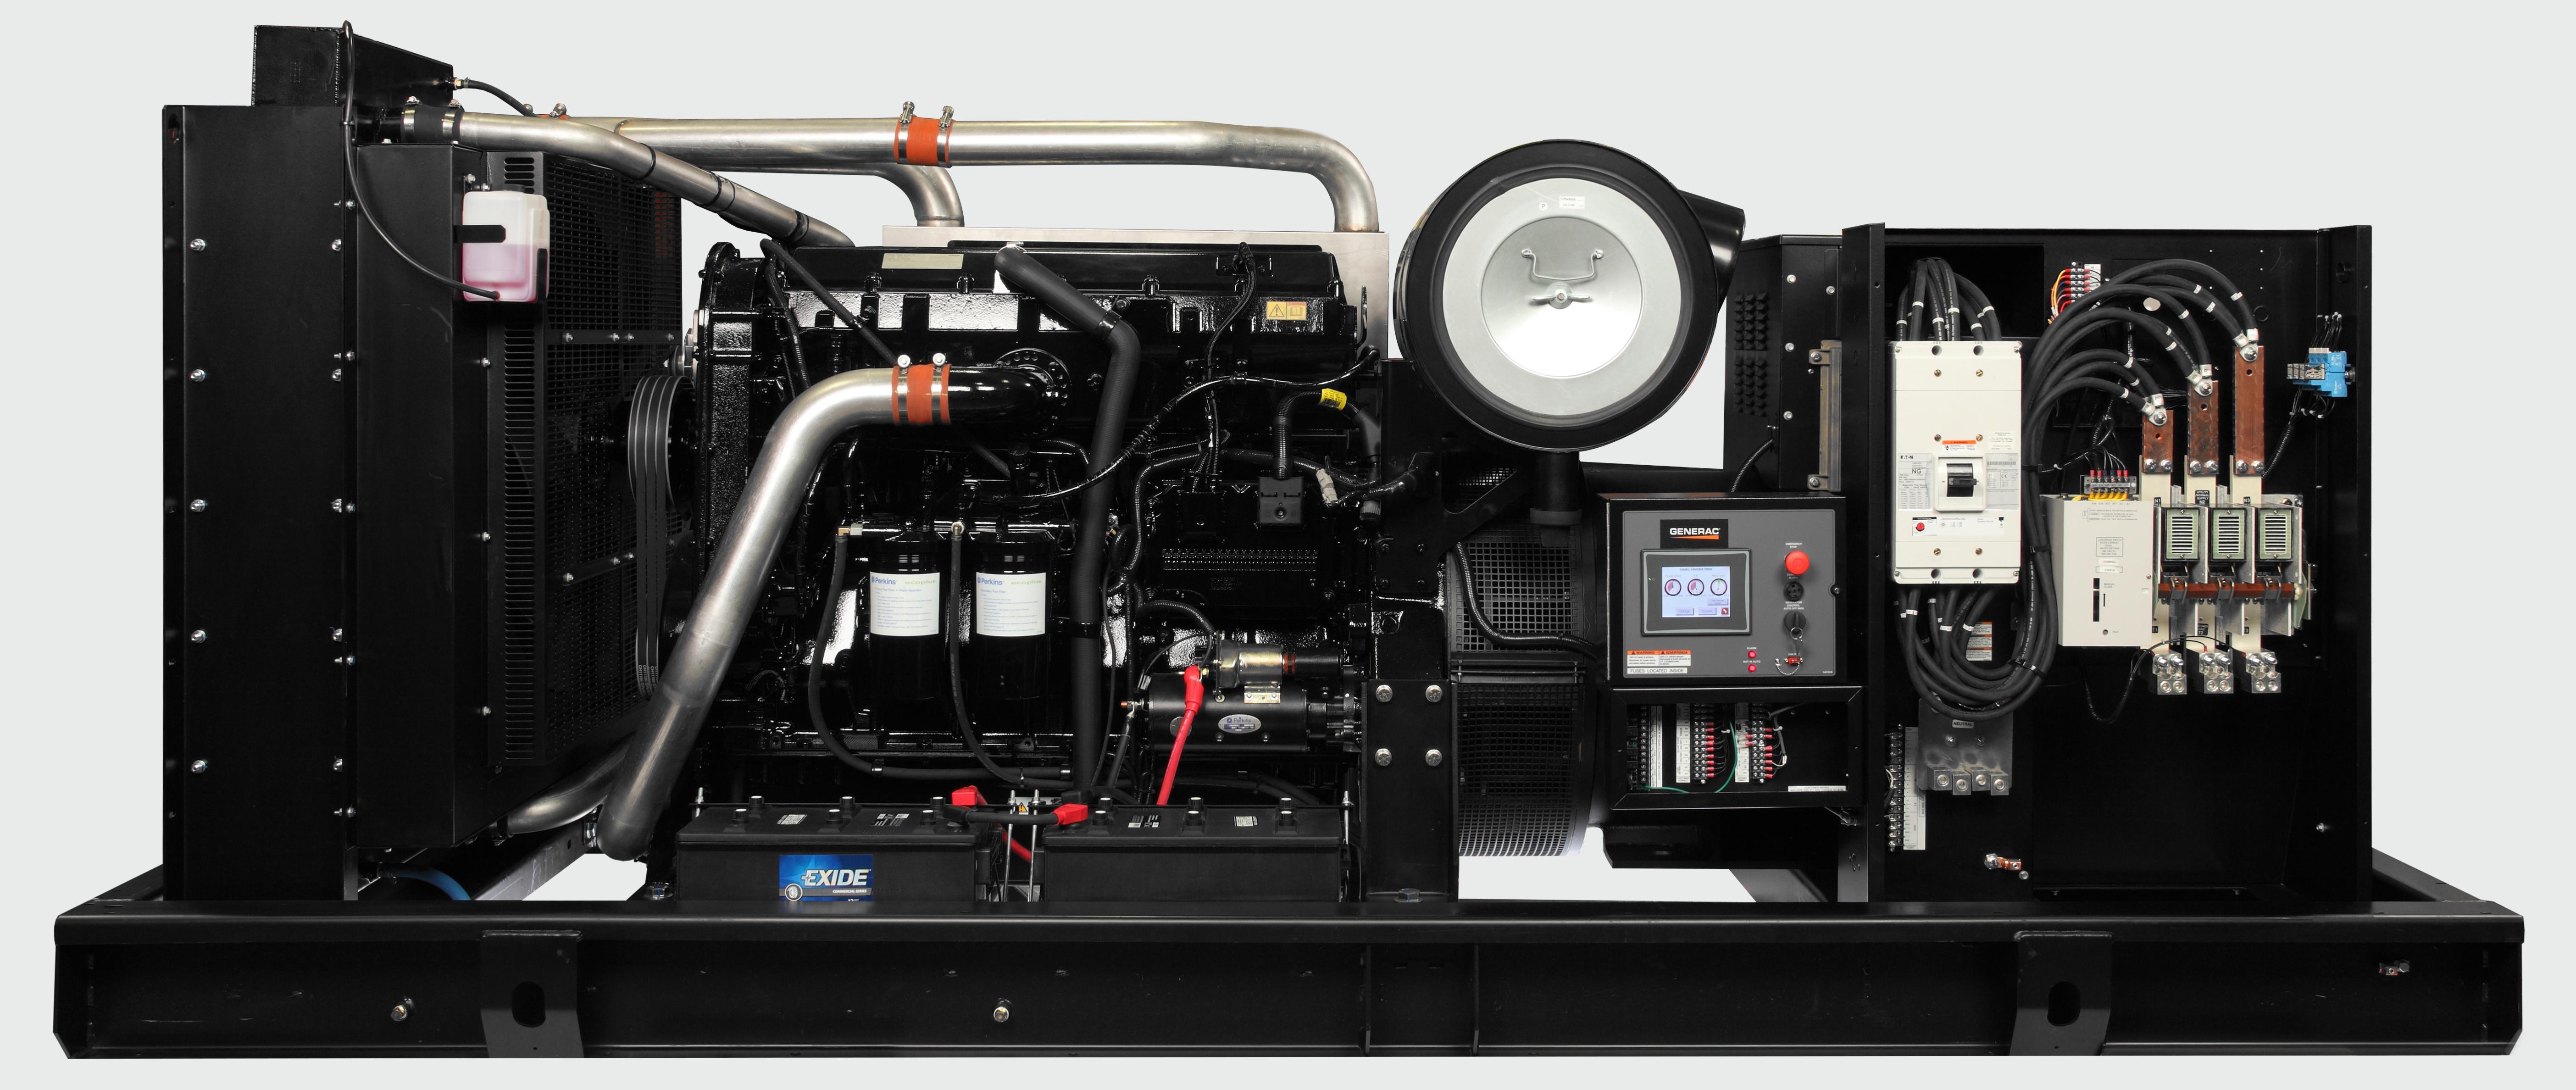 Generac MD 600 Diesel Generator